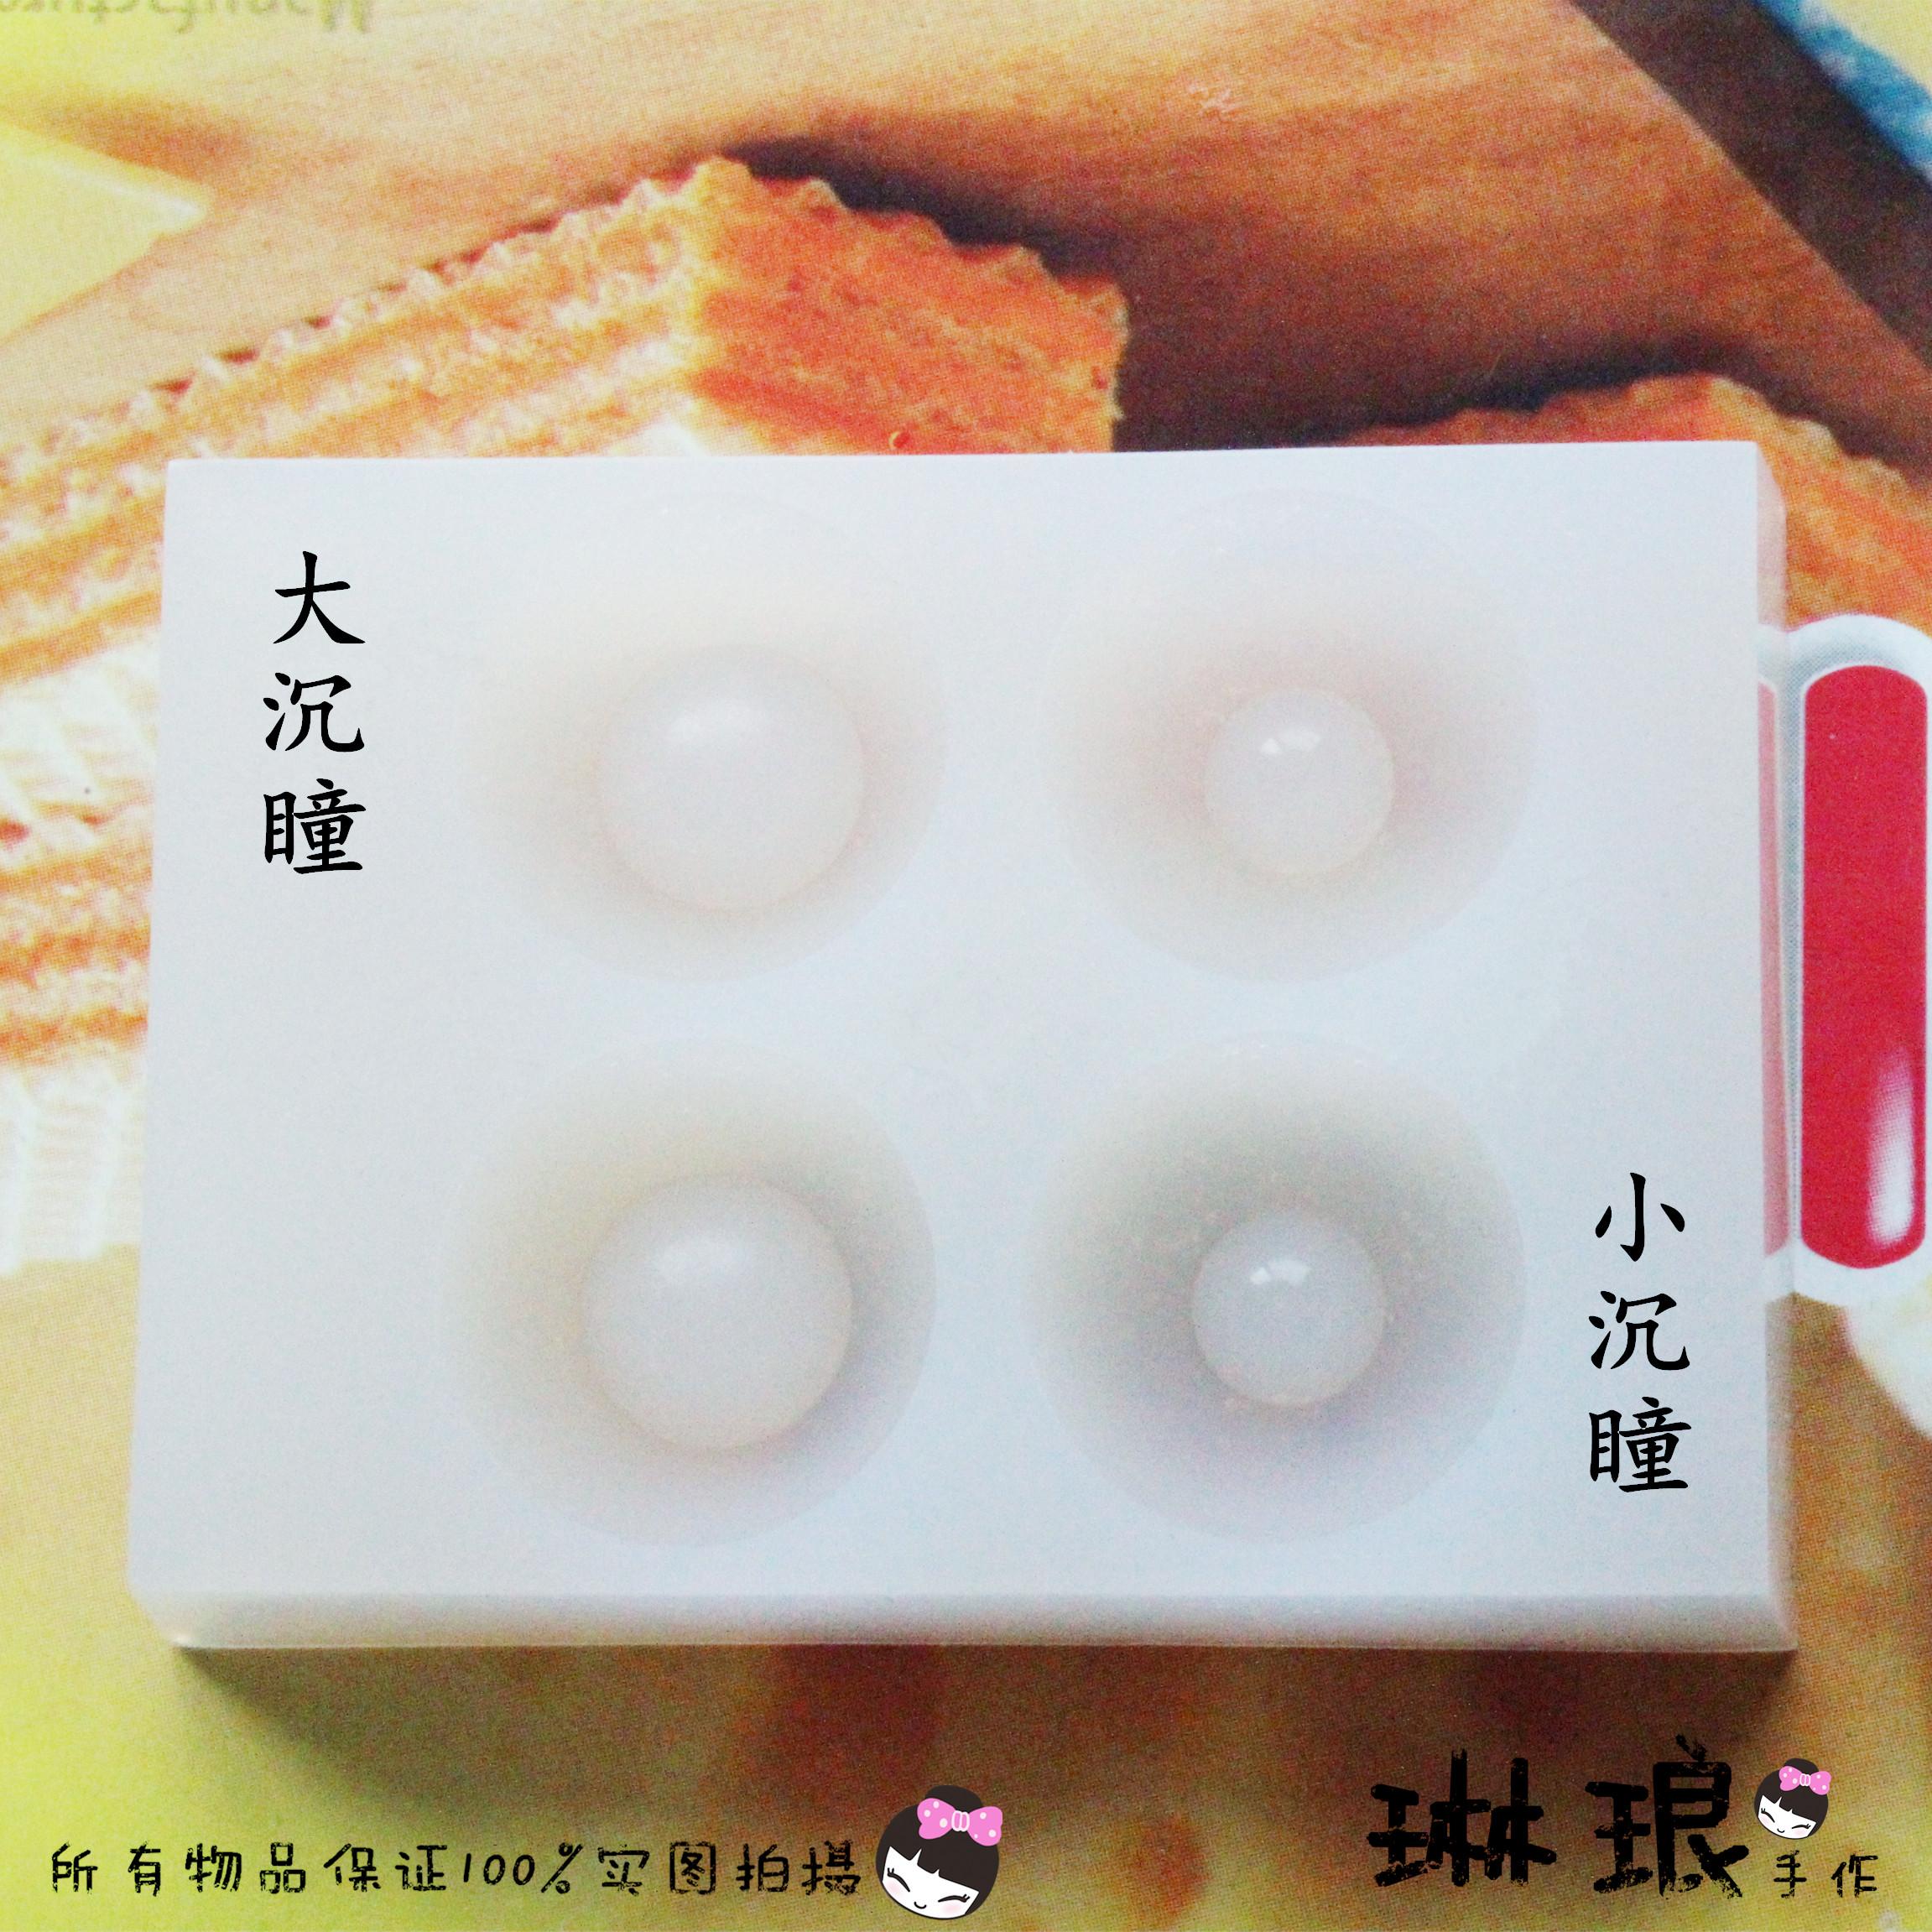 自制bjd娃娃眼睛压眼硅胶模具/bjd/sd/dd DIY树脂眼底座模具